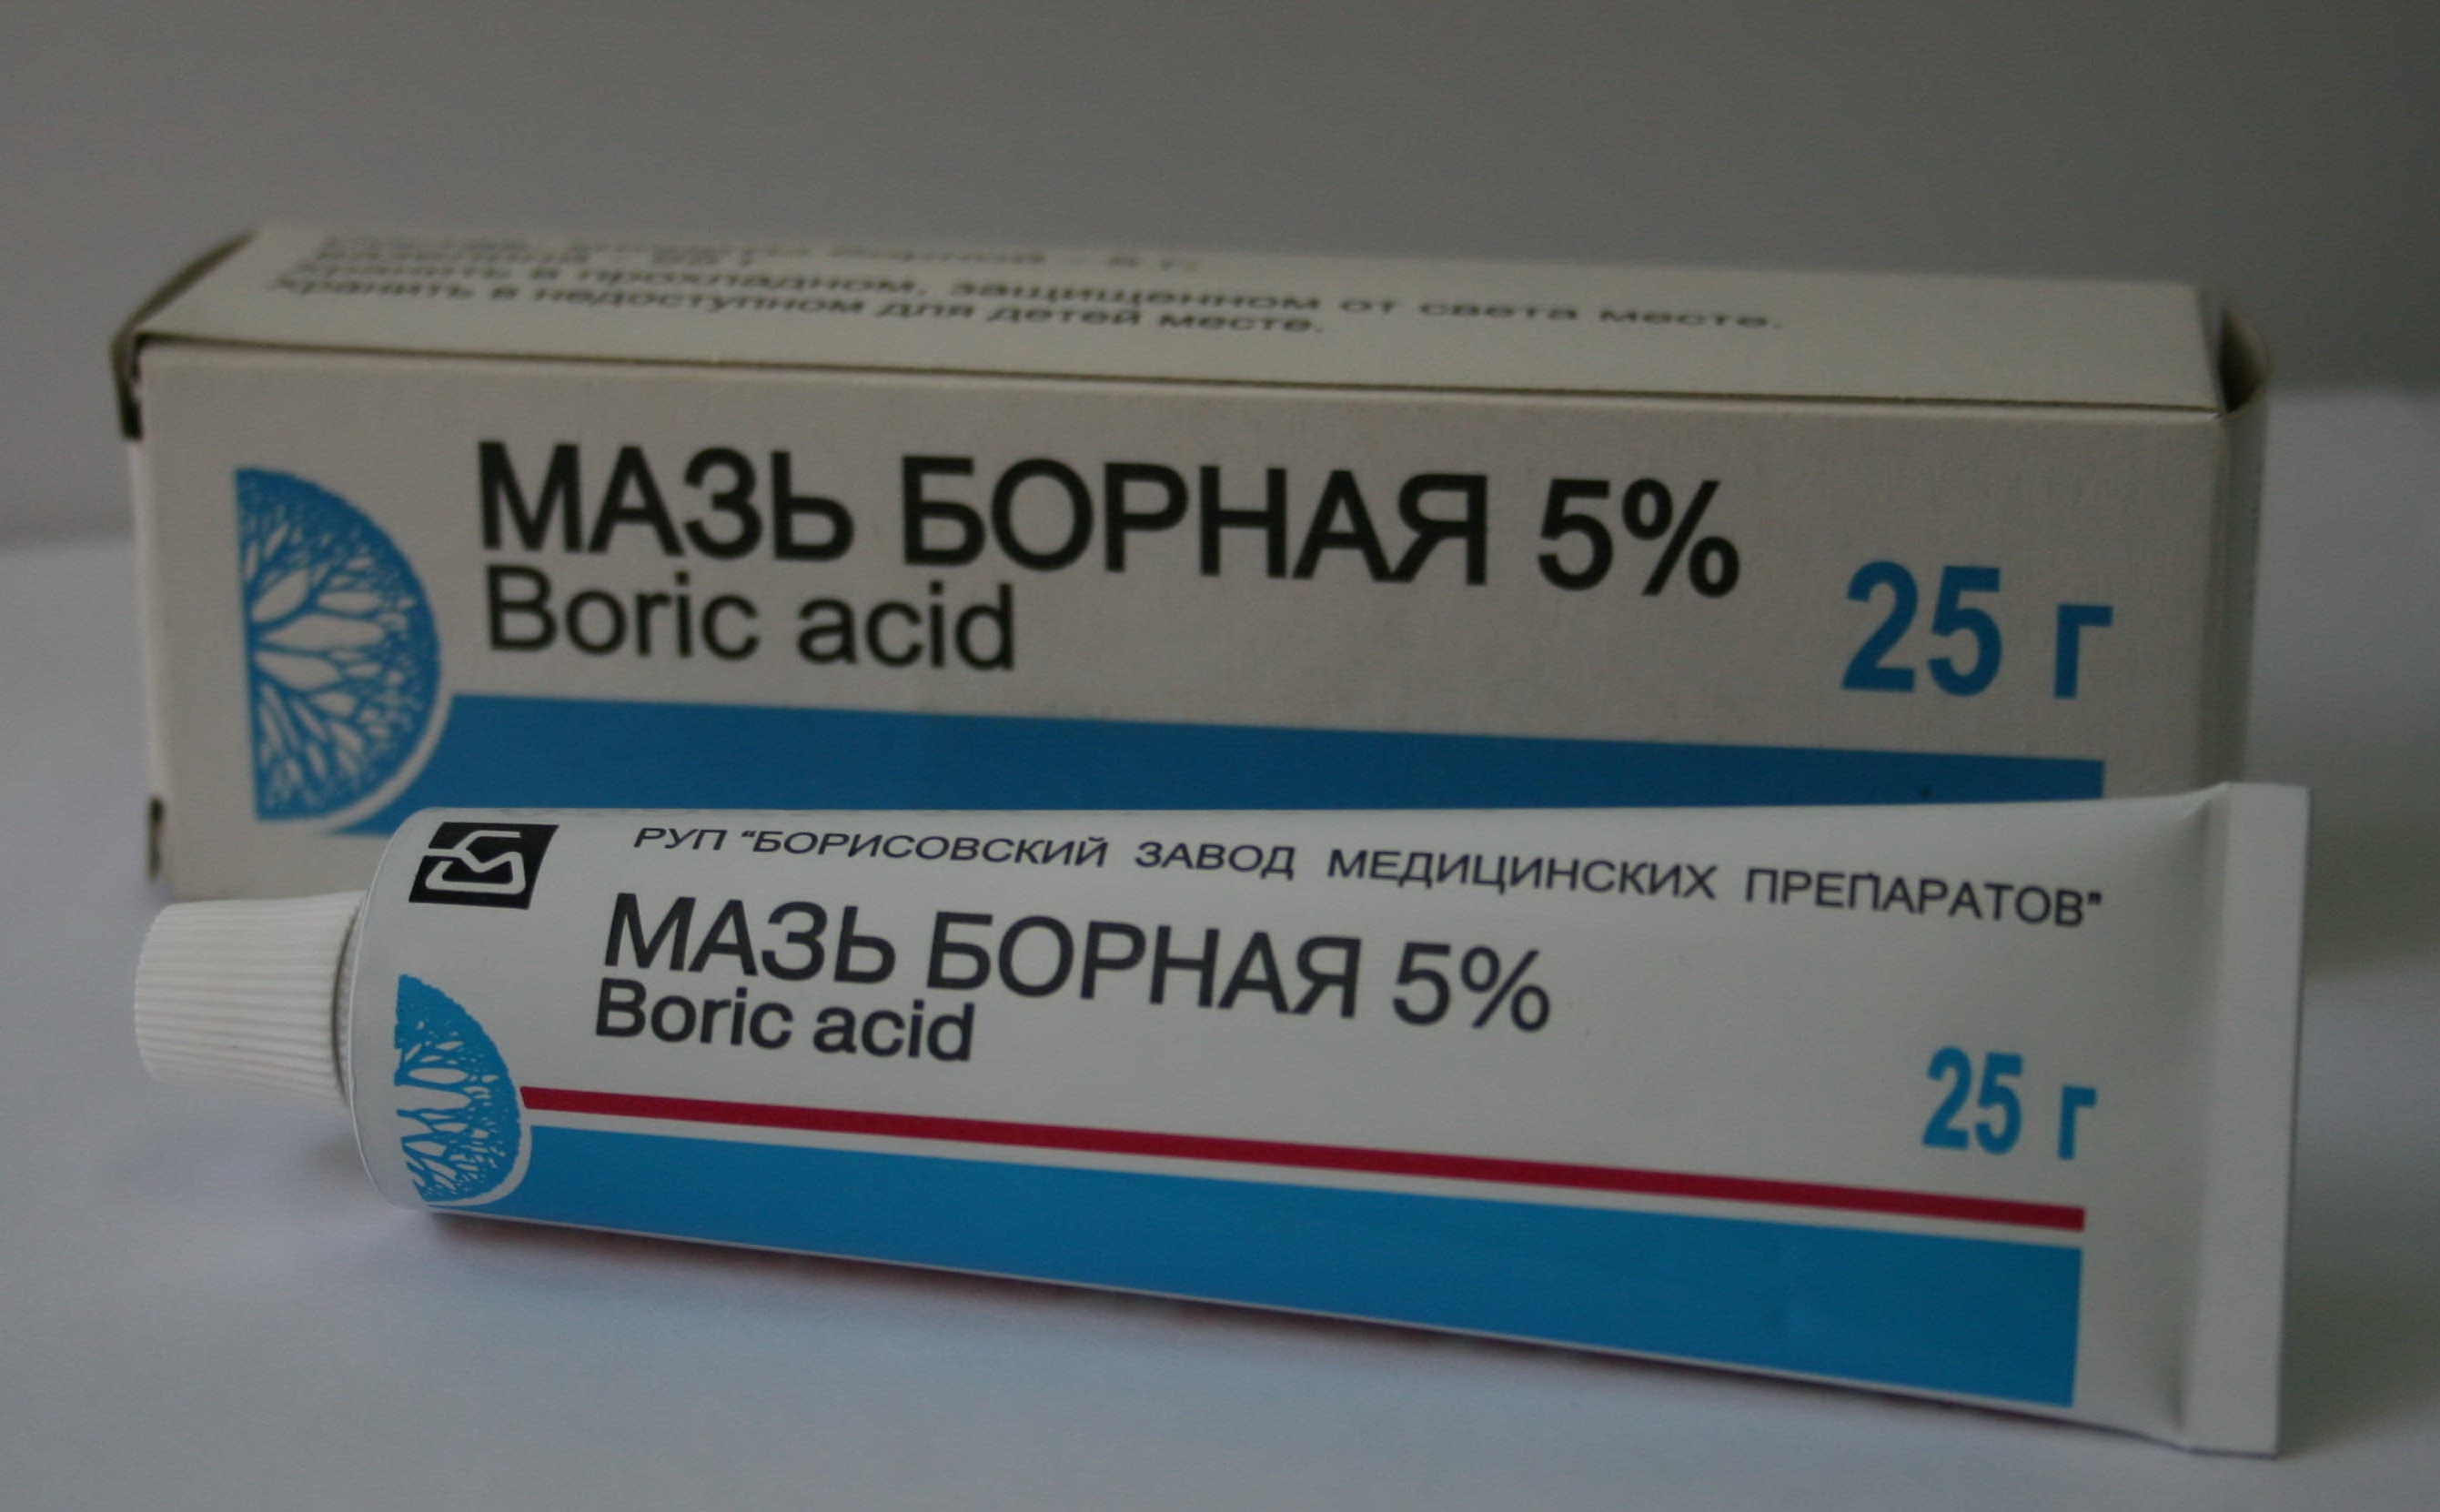 Cached *ская мазь от вшей приобретается в аптеке, при ее покупке следует учитывать возраст и подбирать разрешенную концентрацию:ям от 3-х можно использовать только 2-ный крем;ям старше 12-ти и взрм 5-ный